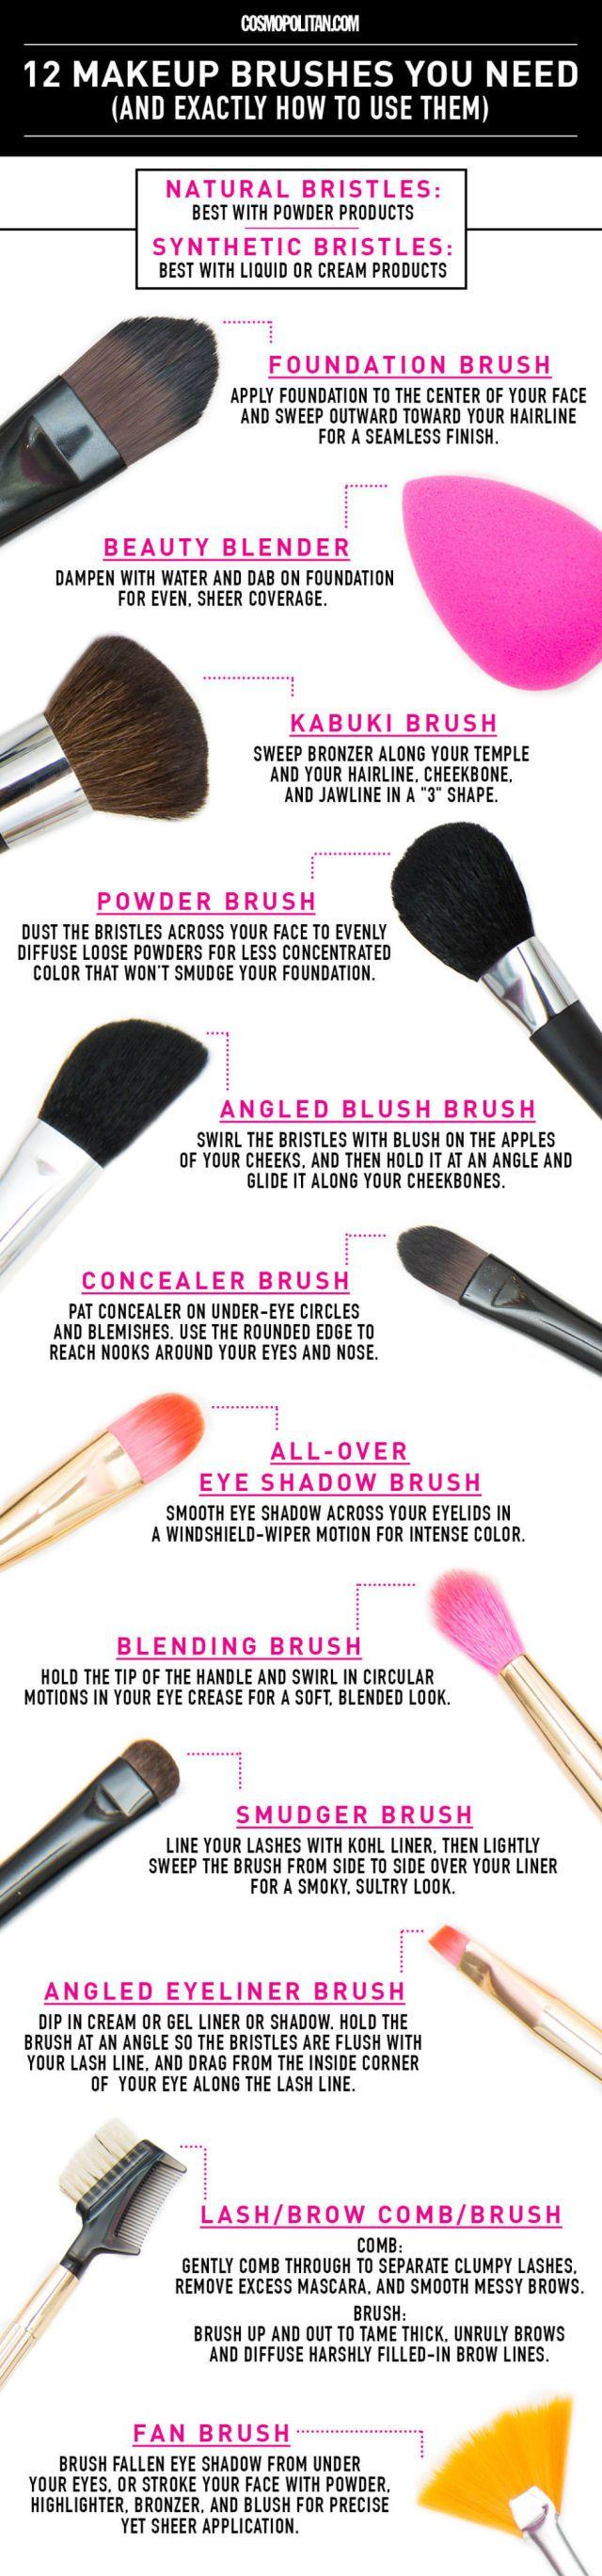 12 make-up kwasten die niet mogen ontbreken in je make-up tasje en hoe je ze precies kunt gebruiken -Cosmopolitan.nl | Beauty Tips & Tricks